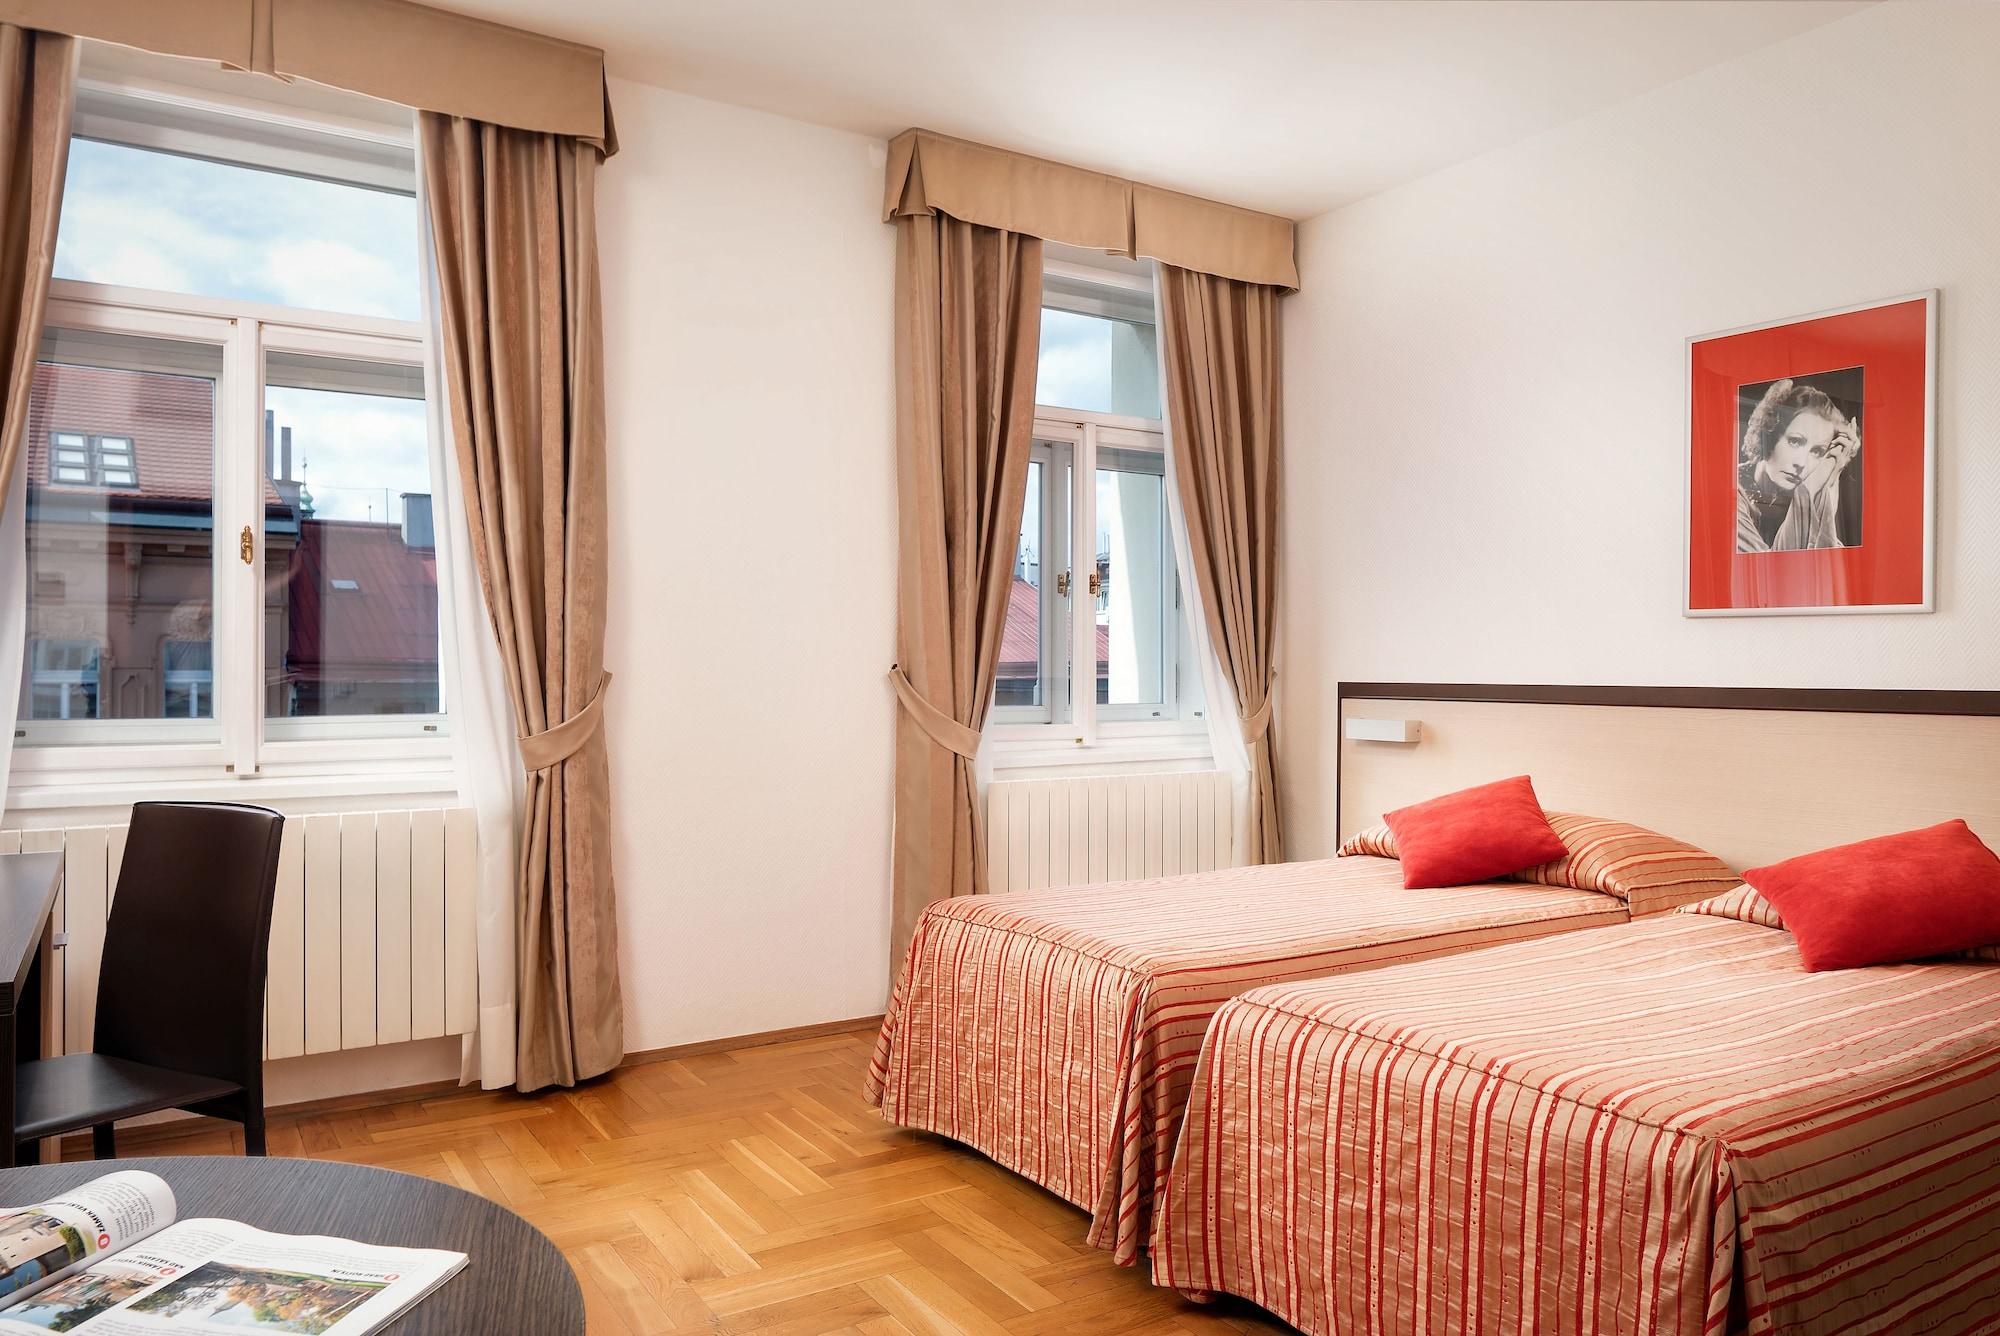 Hotel Praga 1, Praha 1